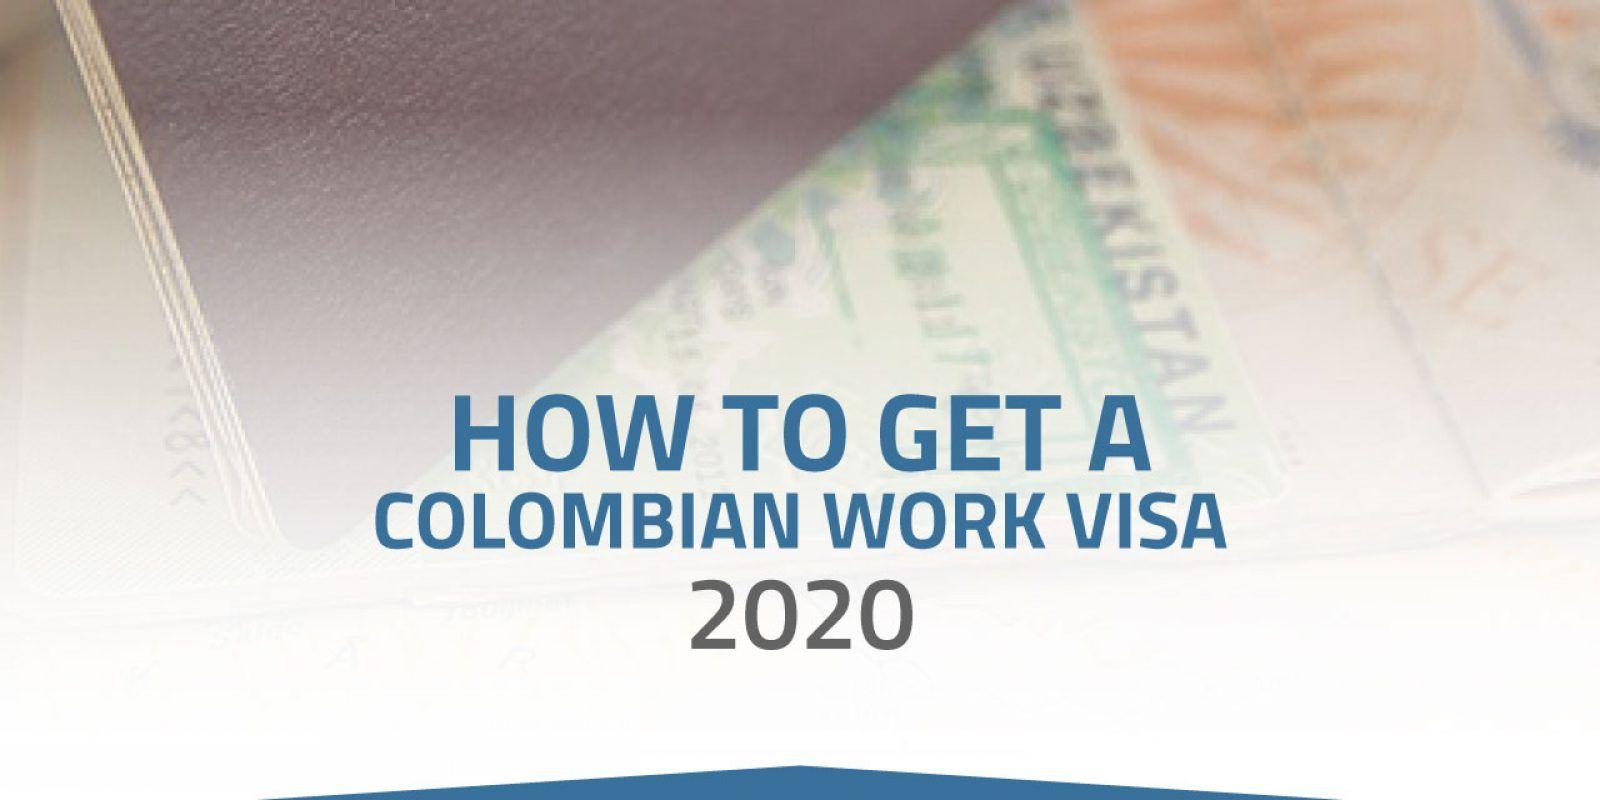 colombian work visa 2020